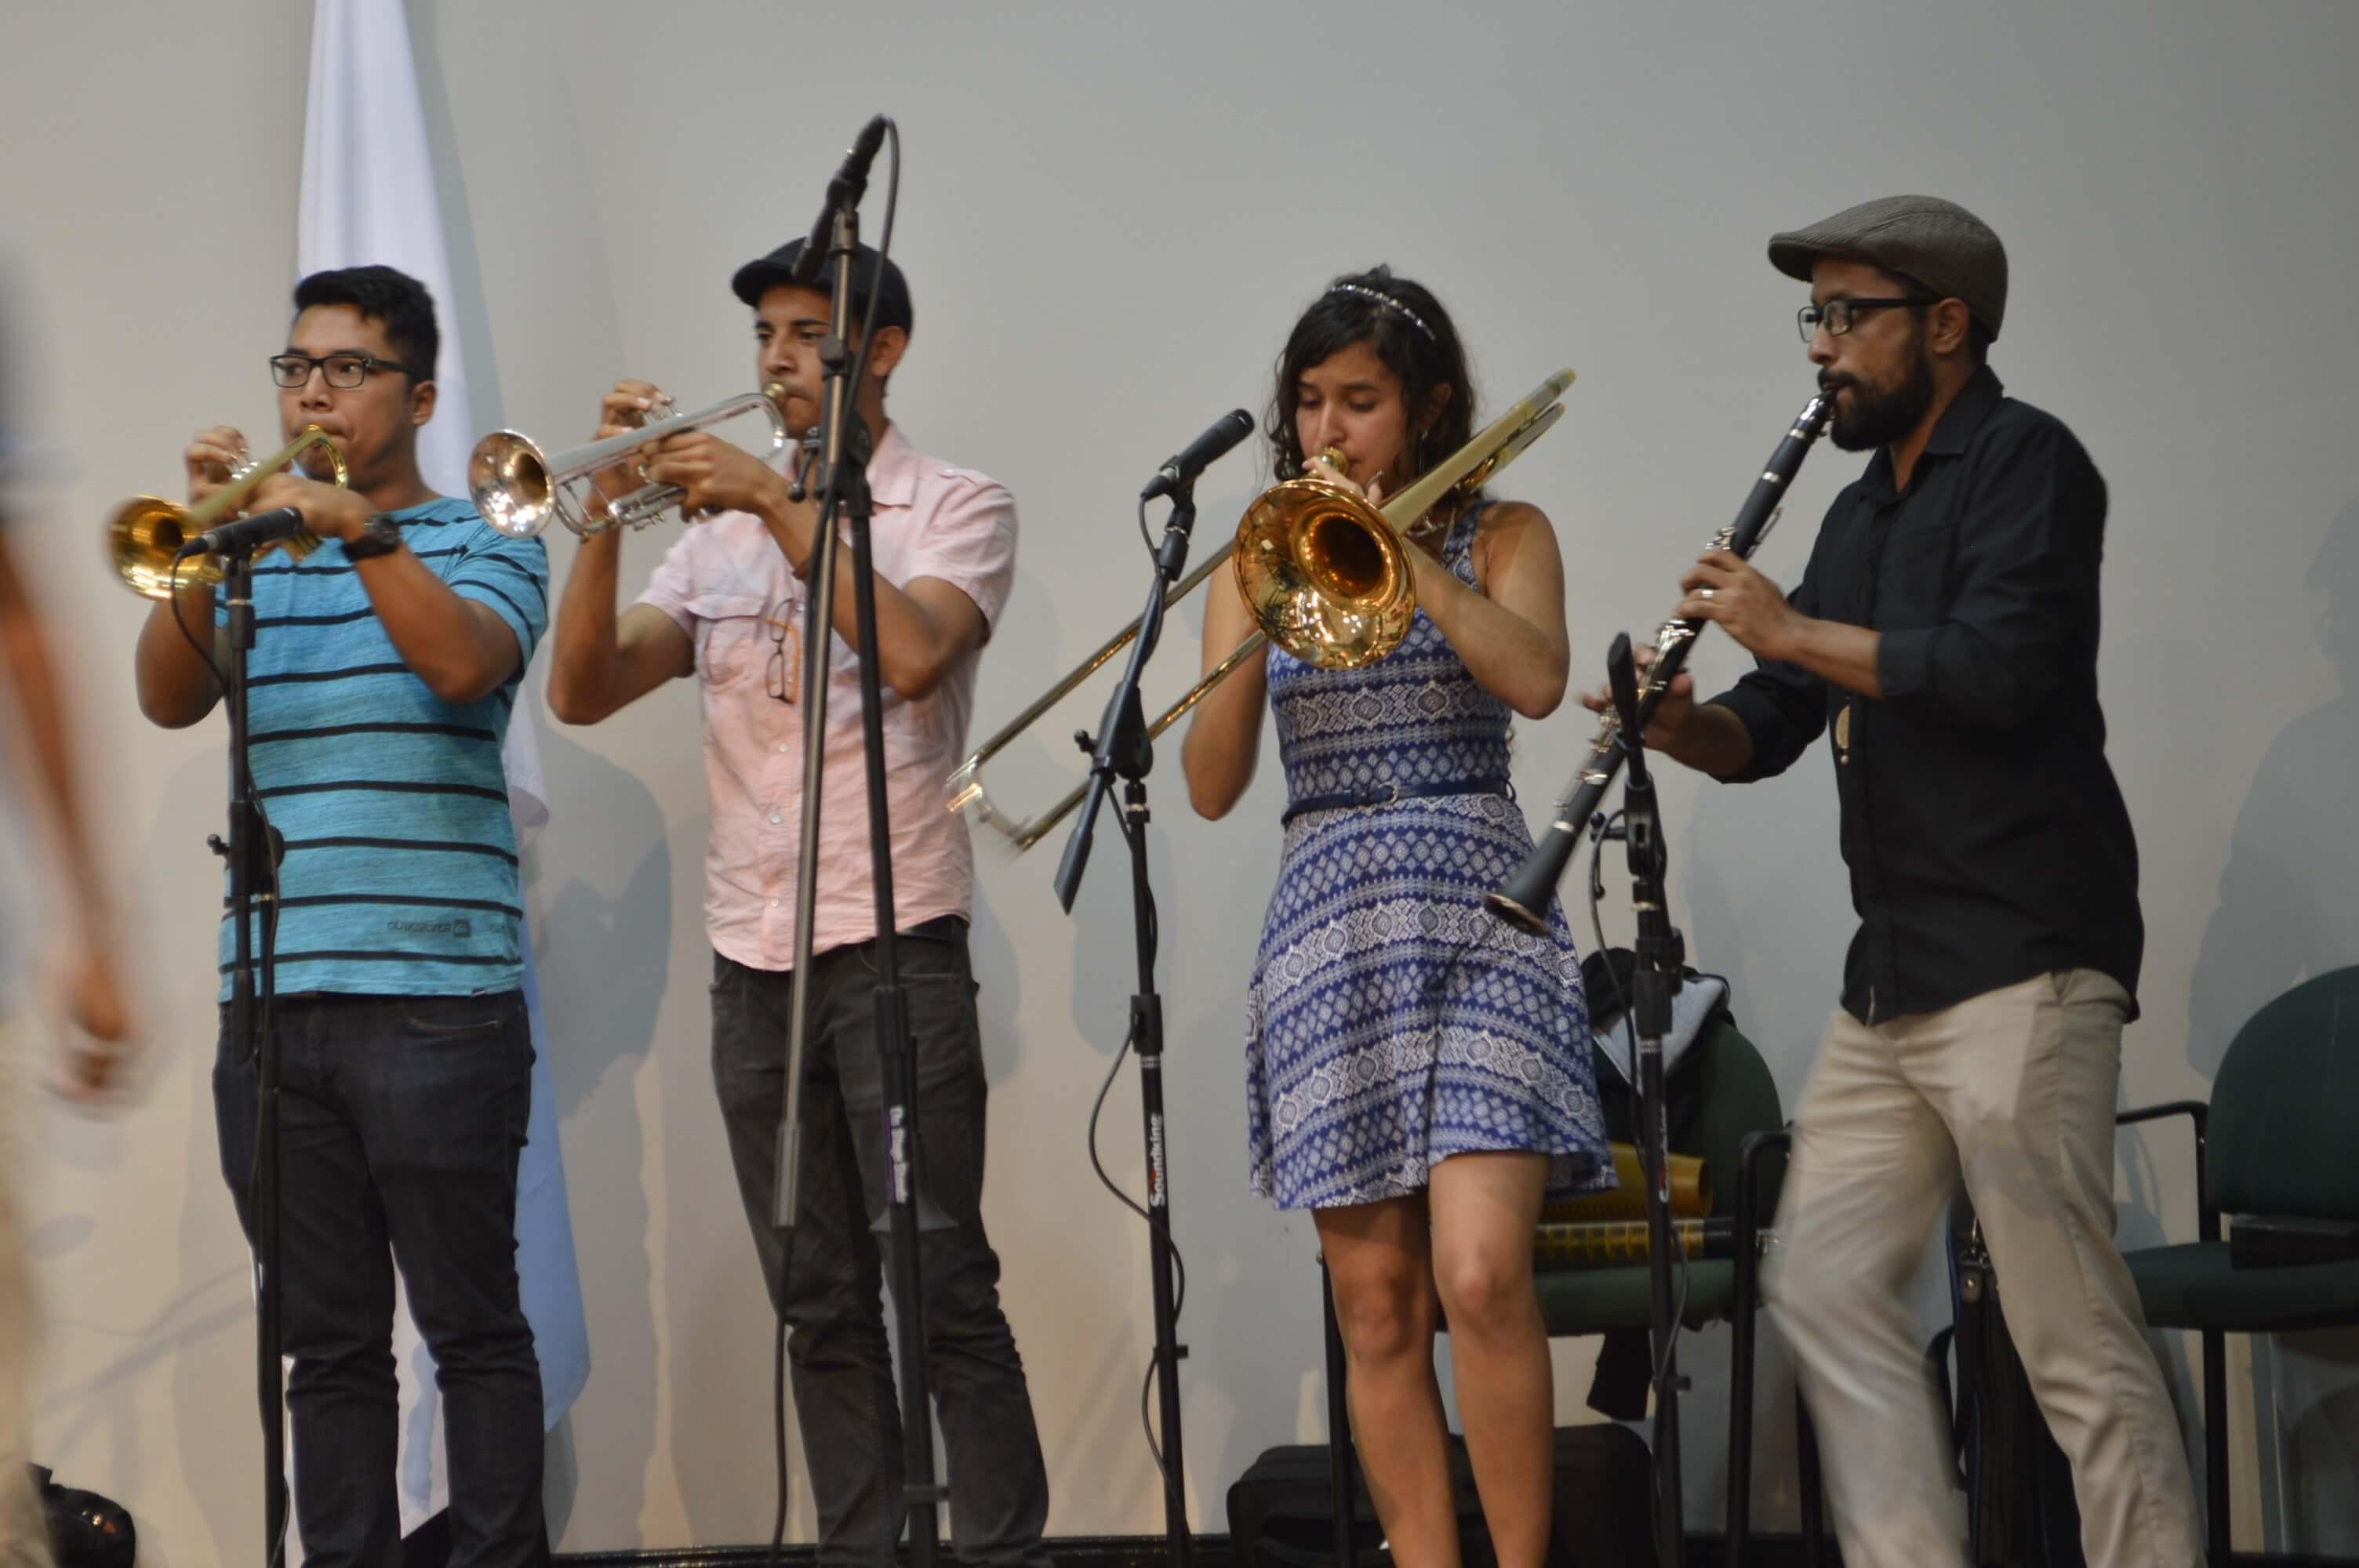 Actividad artística a cargo del grupo TAFOREM. TAFOREM es una agrupación musical perteneciente al Área de Prácticas Artísticas de la Vicerrectoría de Vida Estudiantil, de la Universidad de Costa Rica. Foto: Jafeth Mora